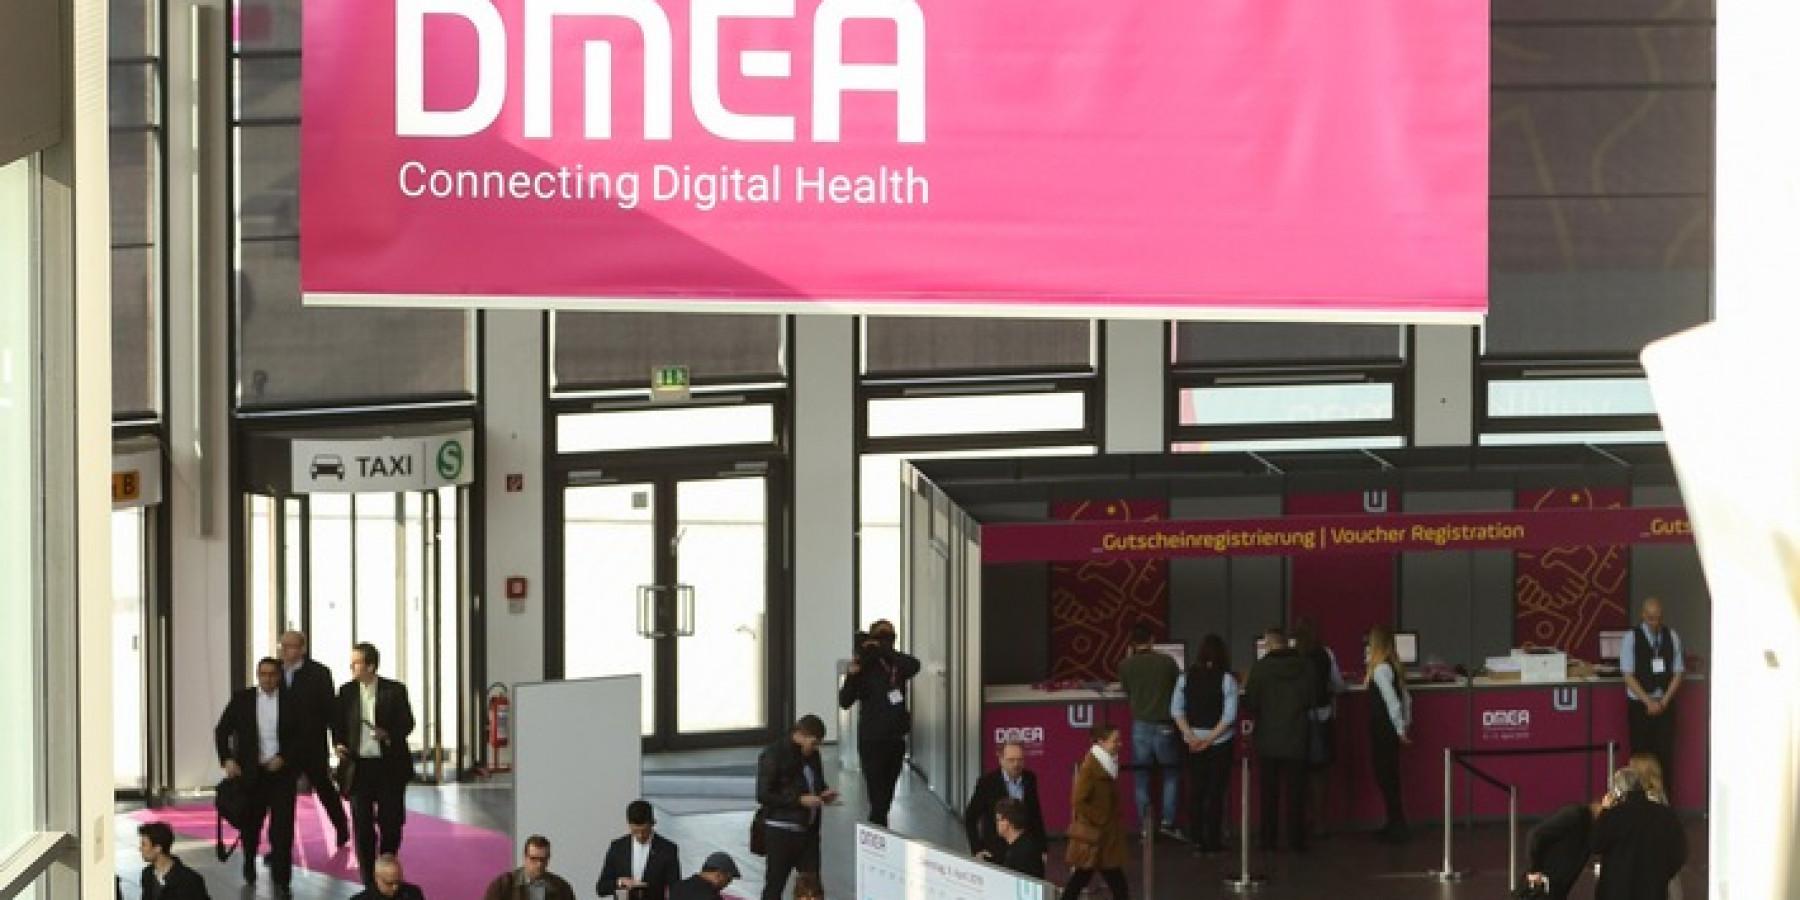 Der zentrale Treffpunkt für die digitale Gesundheitsversorgung